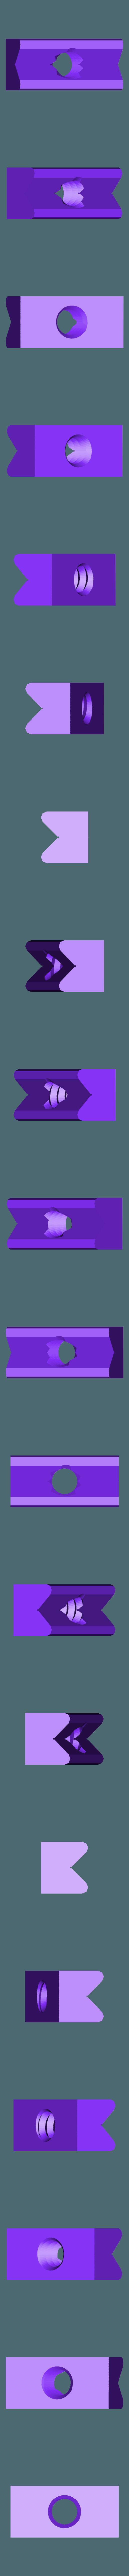 fixture.stl Télécharger fichier SCAD gratuit Papier imprimé WindMill v0 • Modèle pour imprimante 3D, Wachet